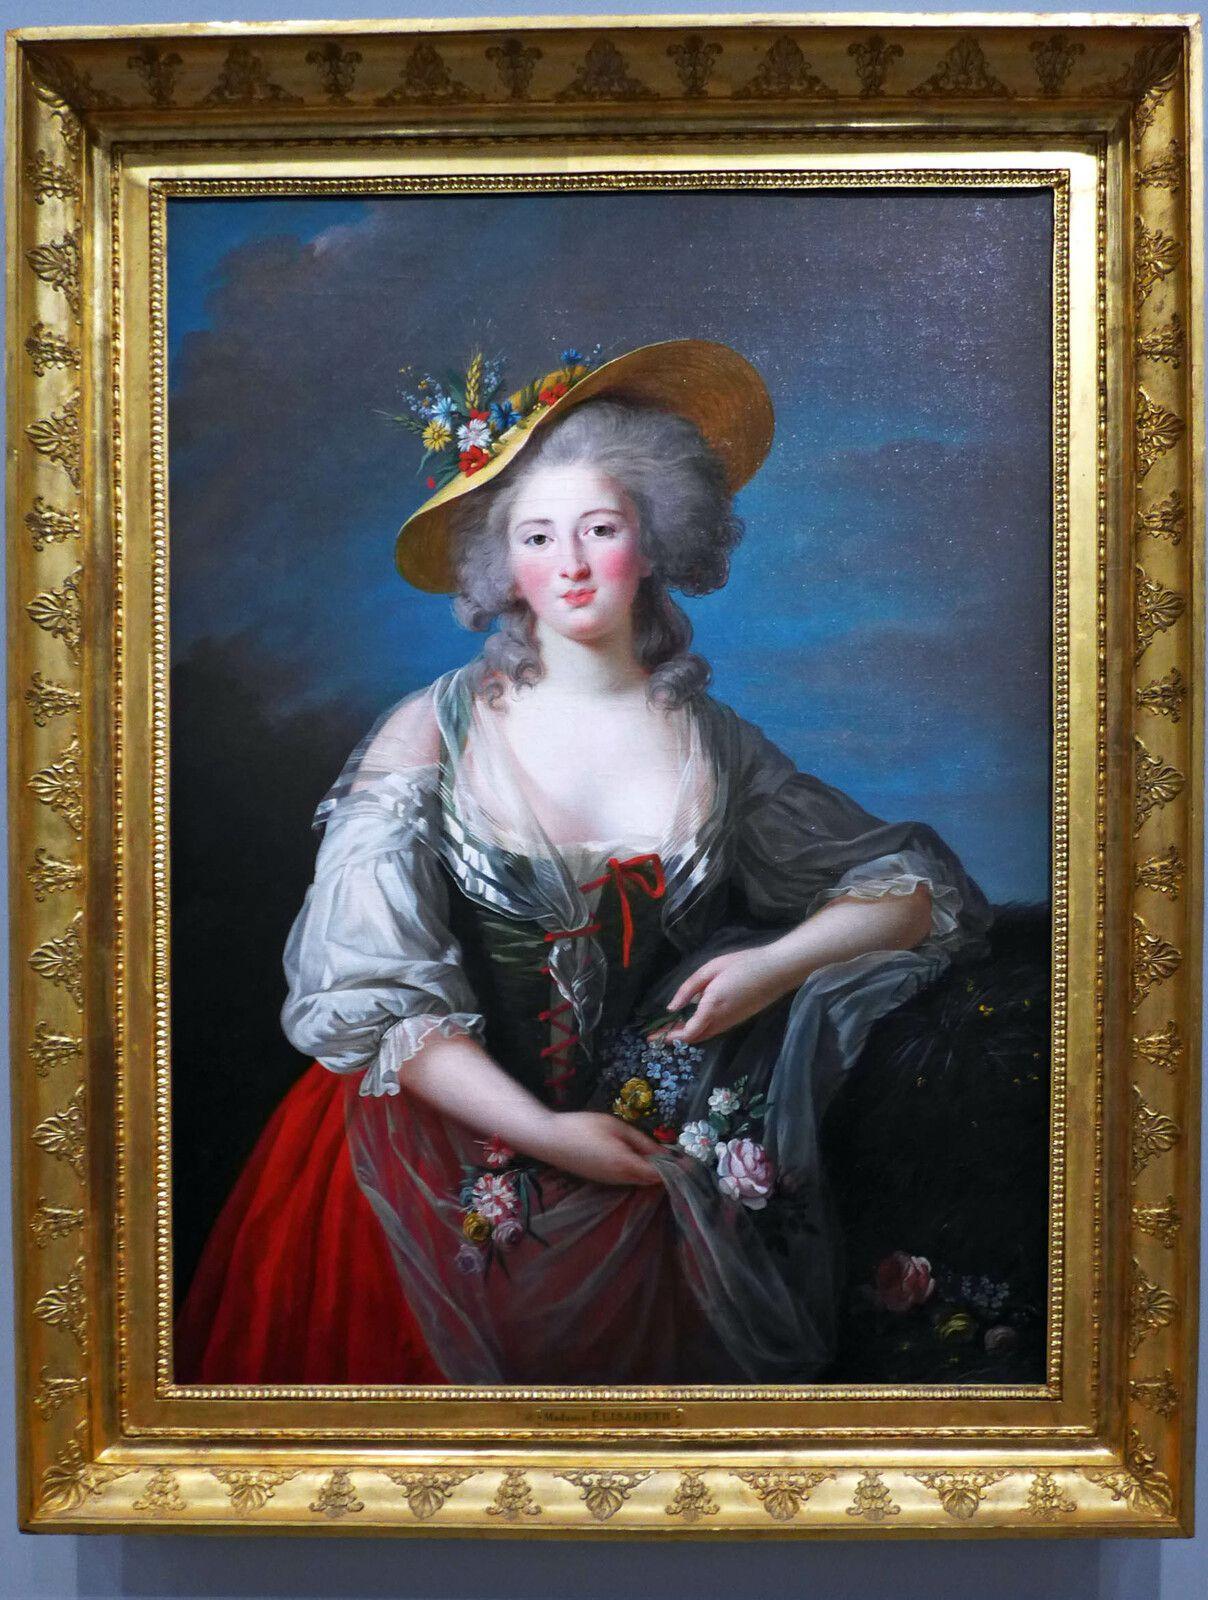 Elisabeth-Louise VIGEE LE BRUN, Elisabeth Philippine Marie Hélène de France (1782), huile sur toile. France, Versailles, musée national des châteaux de Versailles.